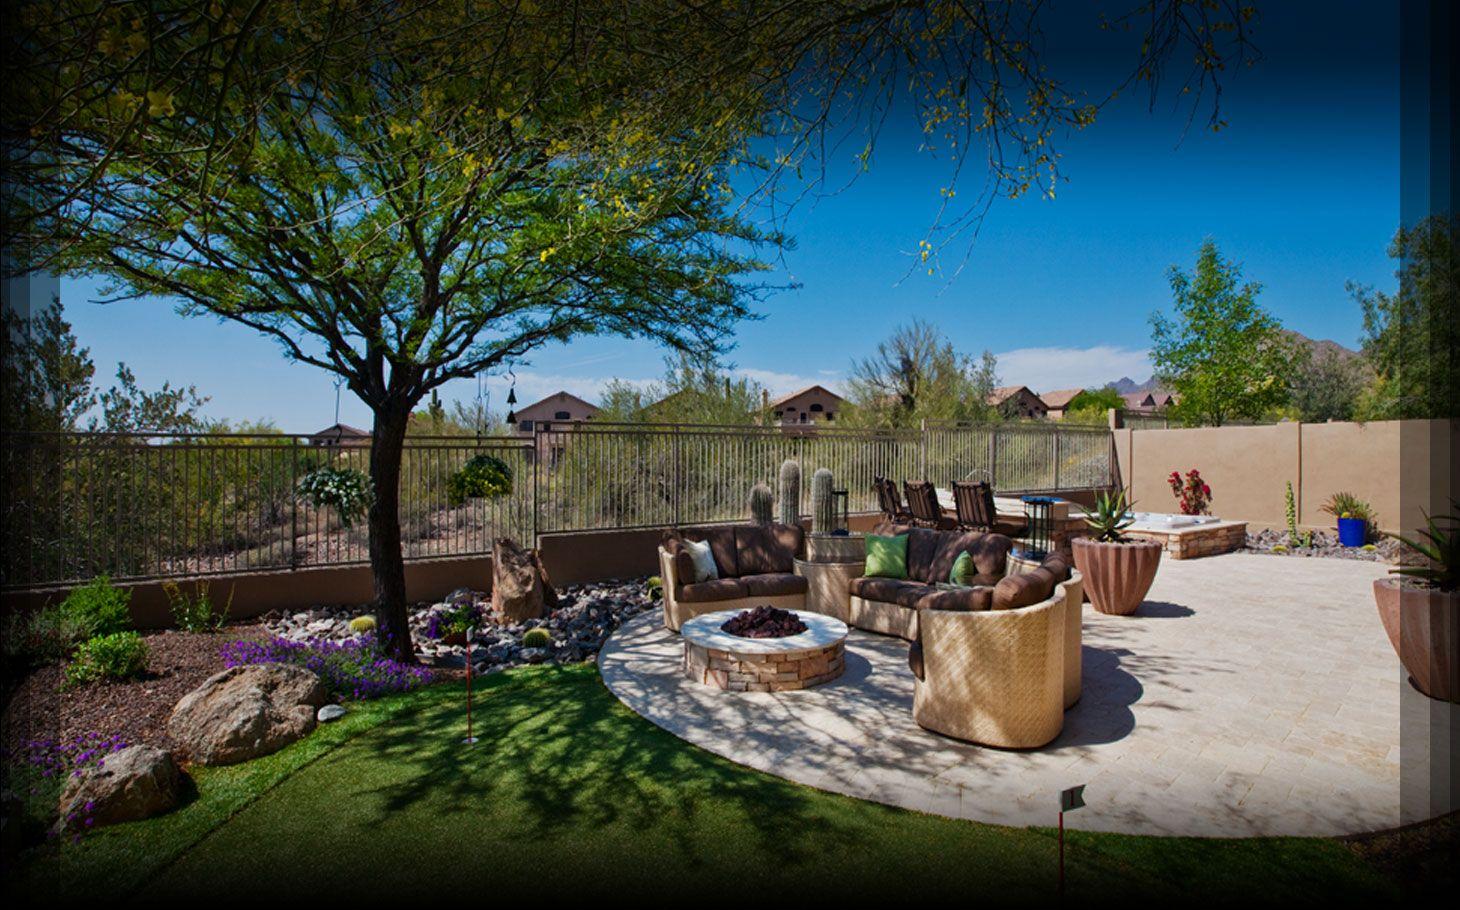 Phoenix Pool Builders of Arizona | Blooming Desert Pools & Landscape - Desert Landscaping Phoenix Pool Builders Of Arizona Blooming